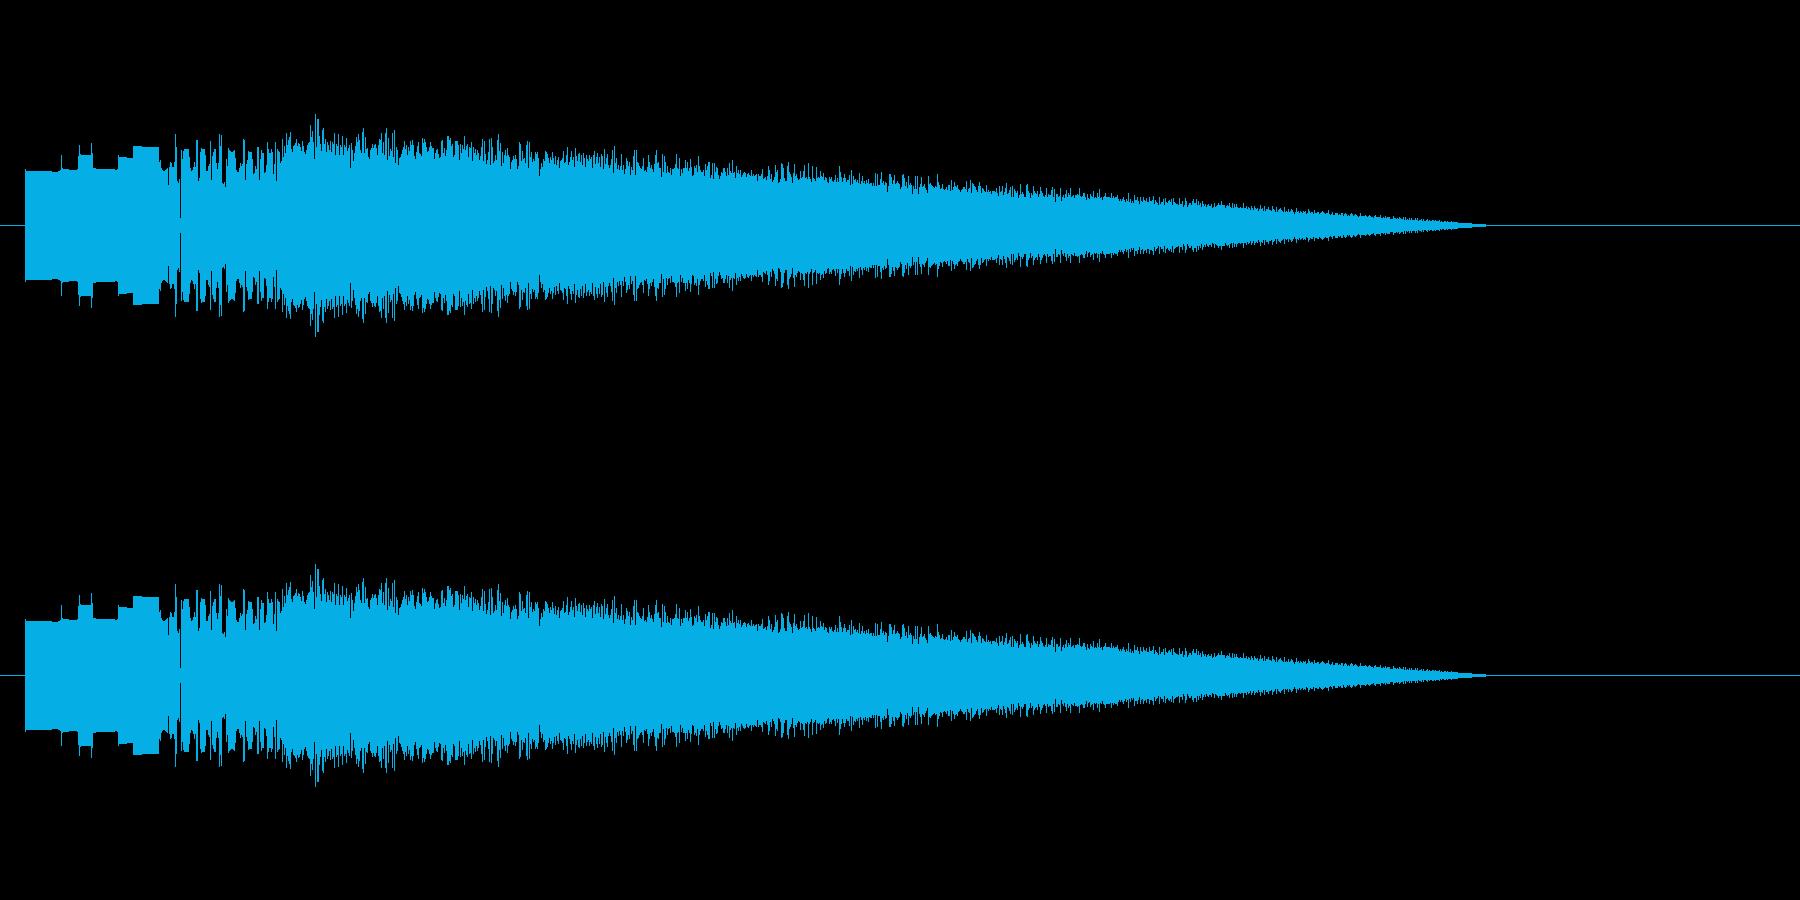 レトロゲーム風レーザーショット4の再生済みの波形